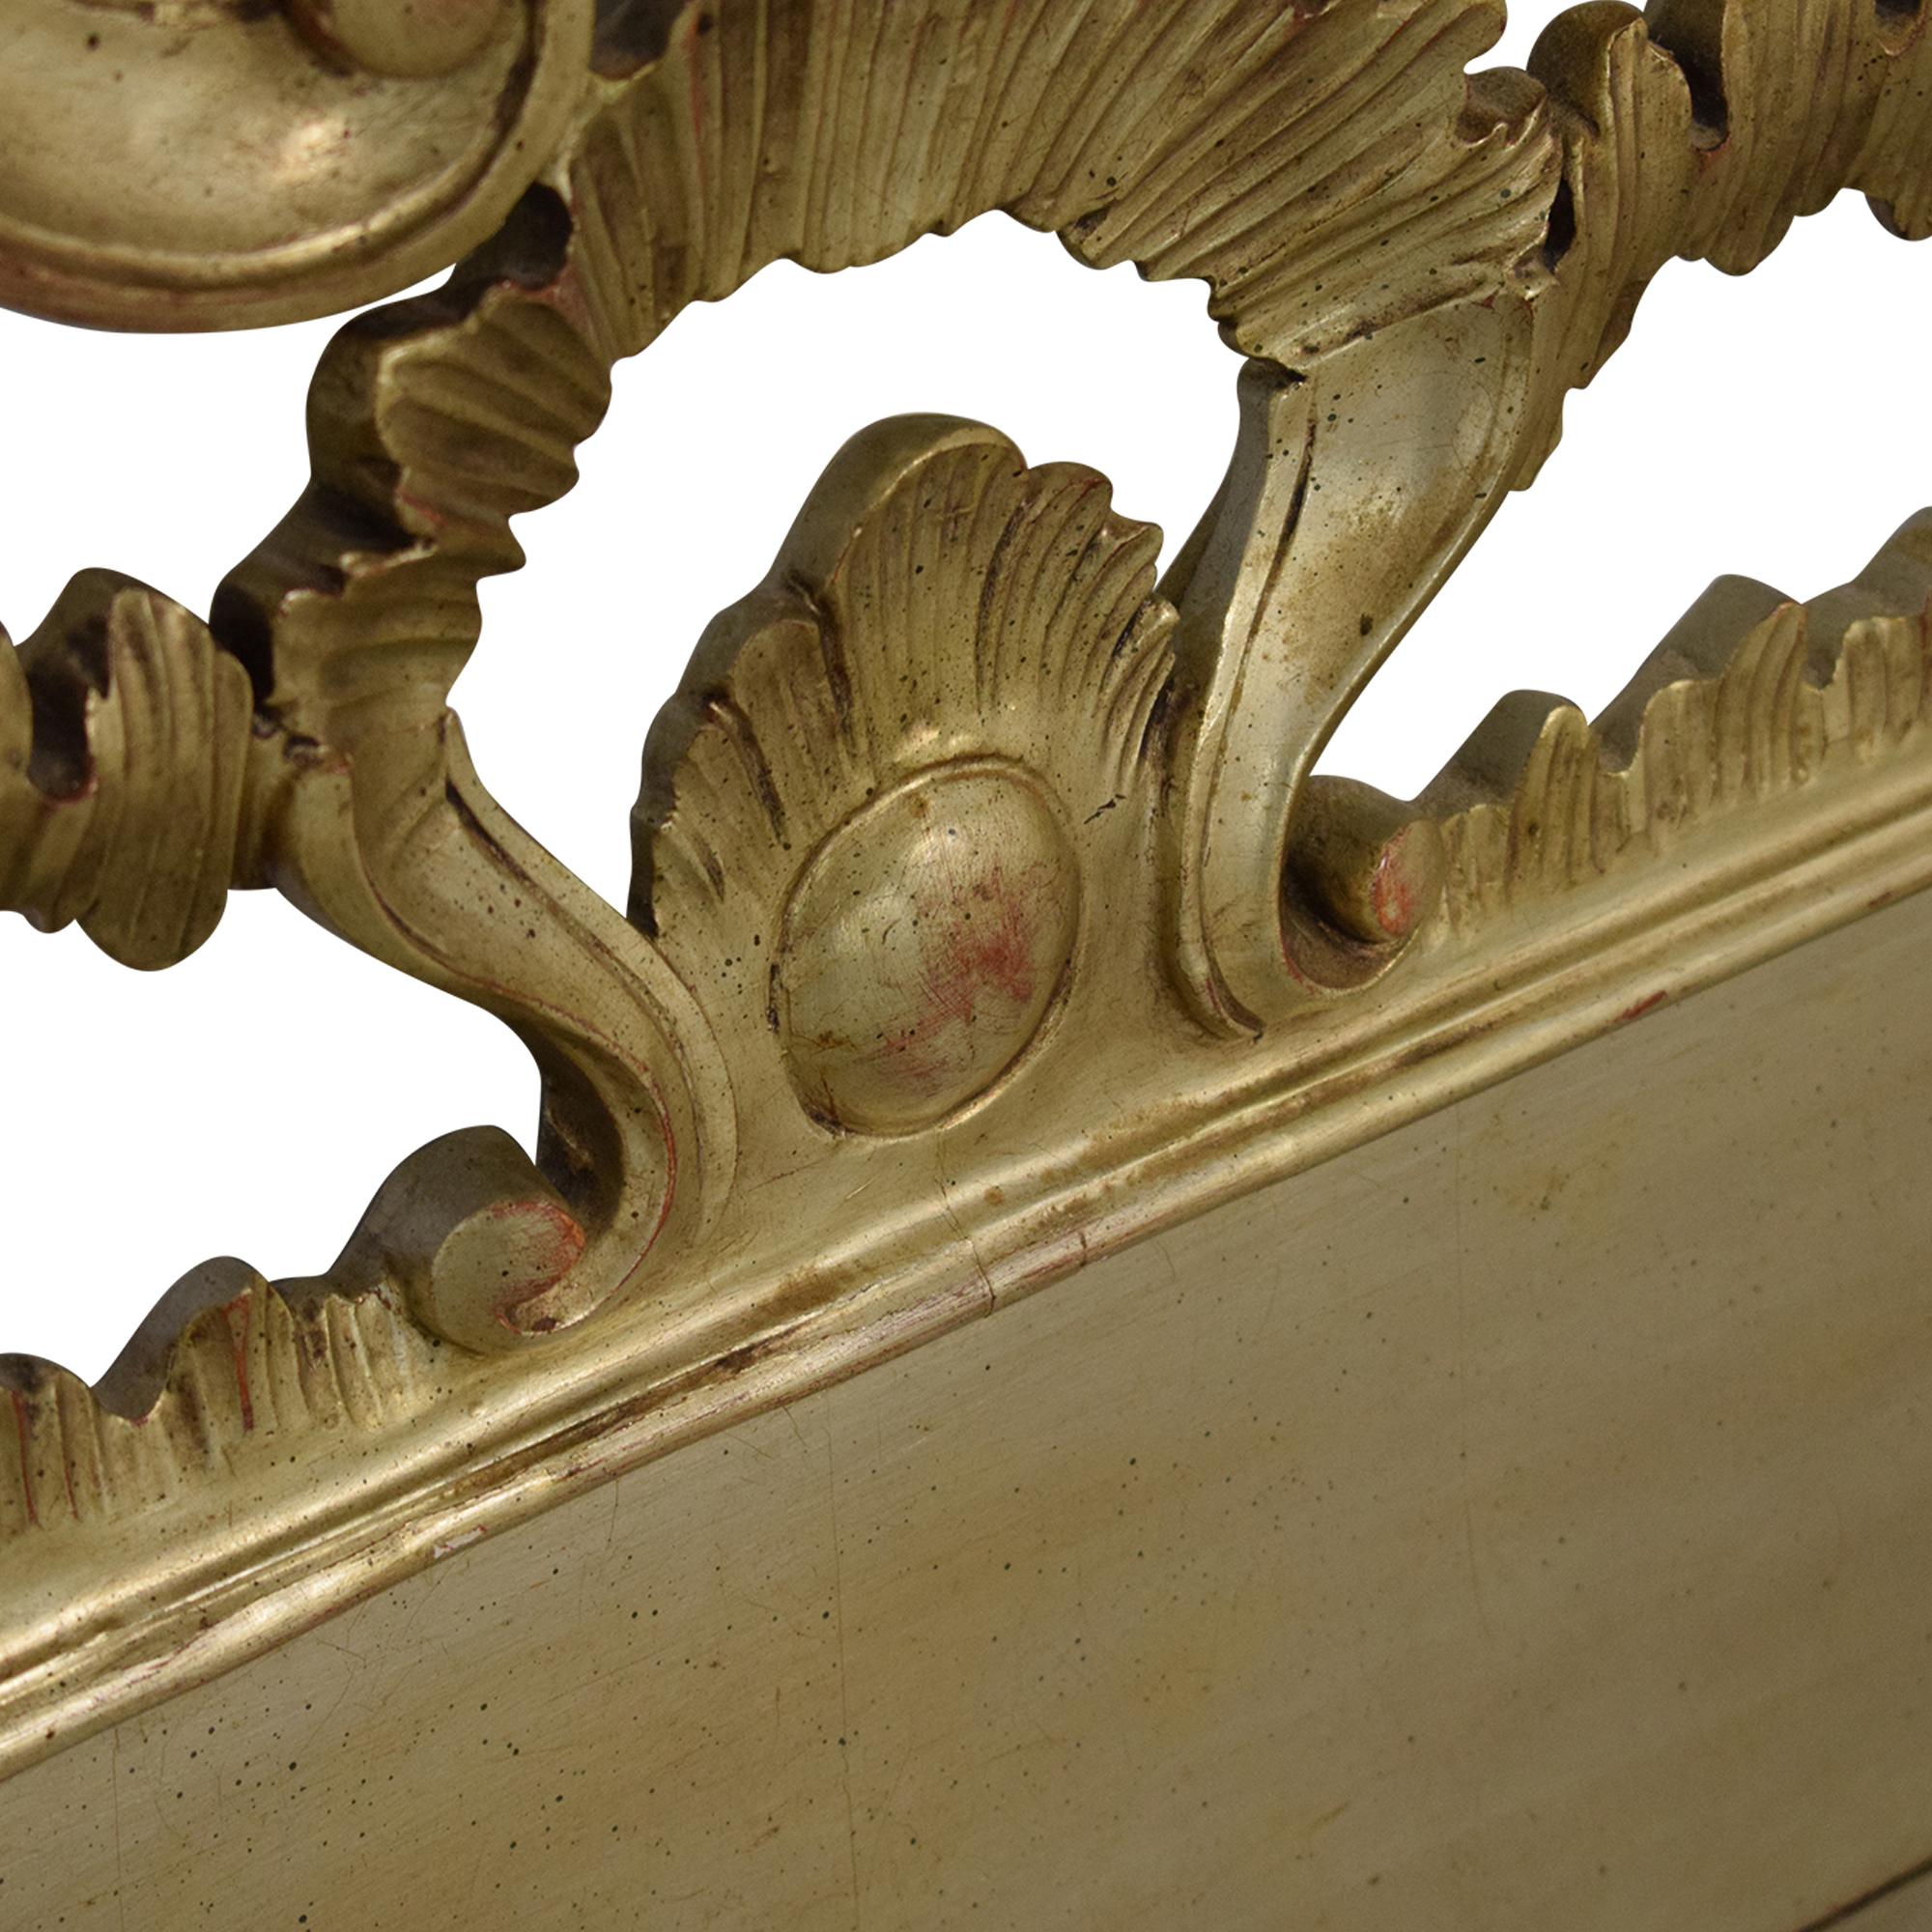 Vintage Ornate King Headboard